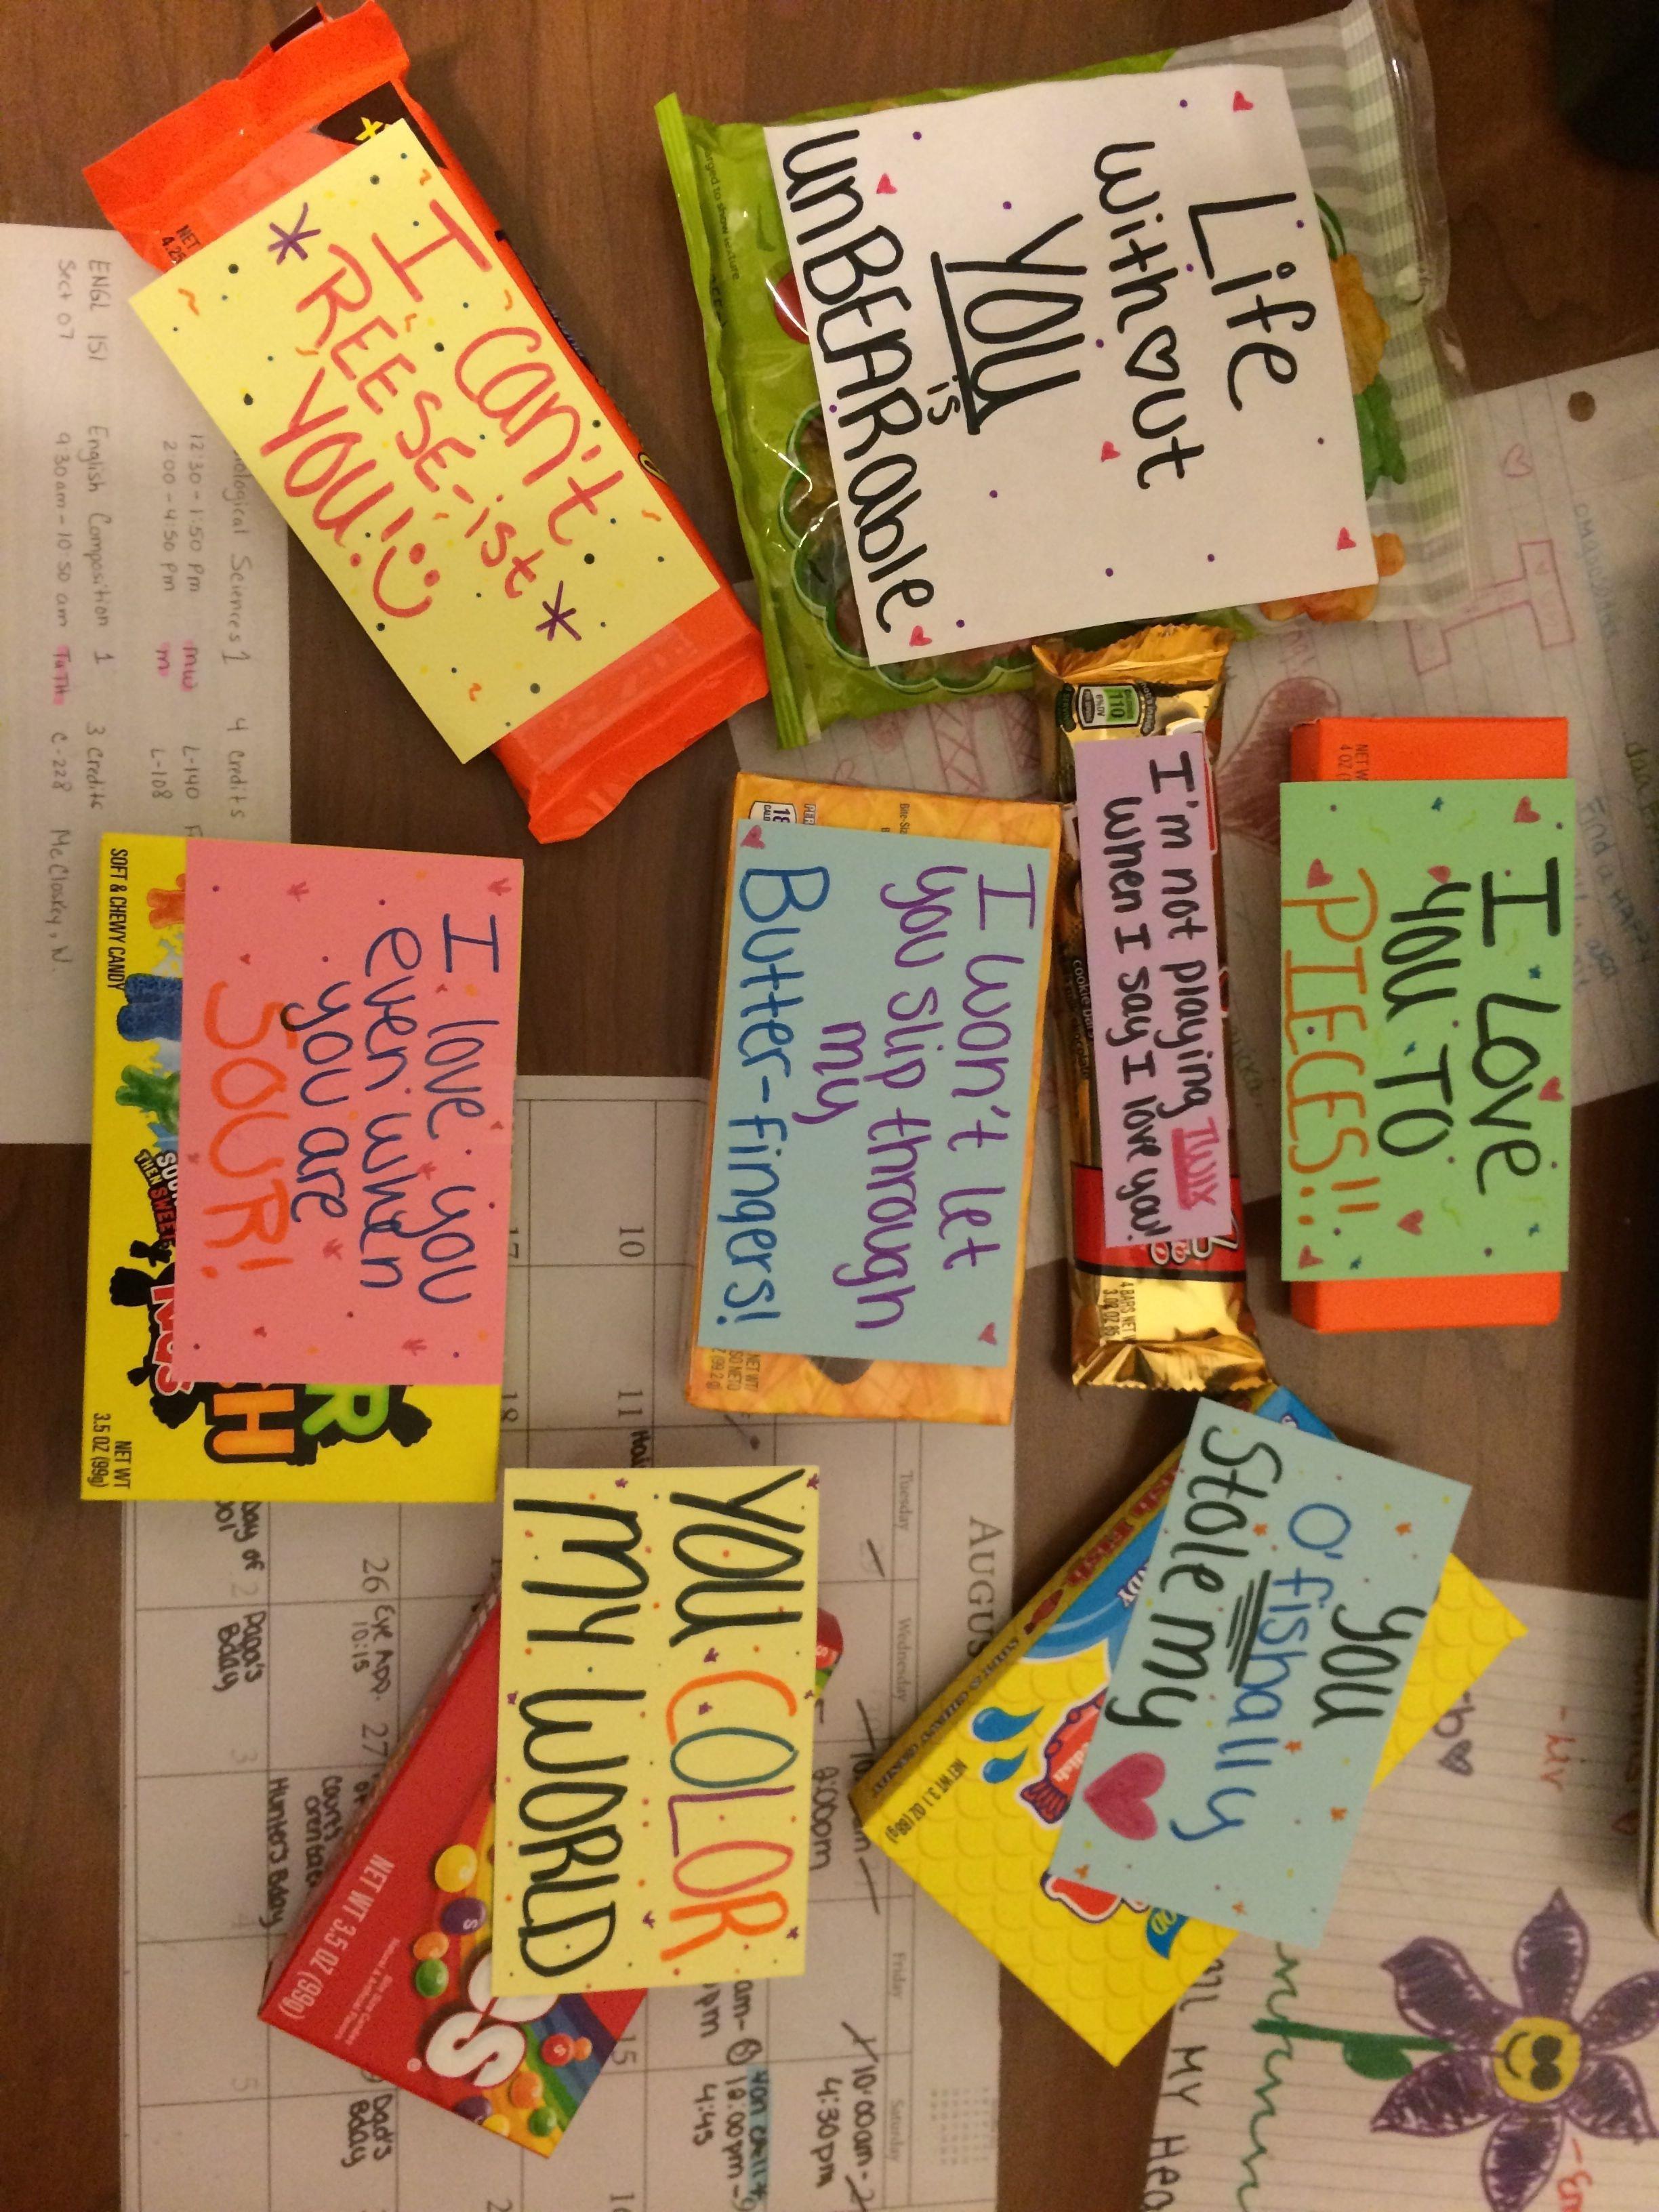 10 Awesome Gift Ideas For Boyfriend Birthday cute boyfriend birthday gift lifee pinterest boyfriend 16 2020